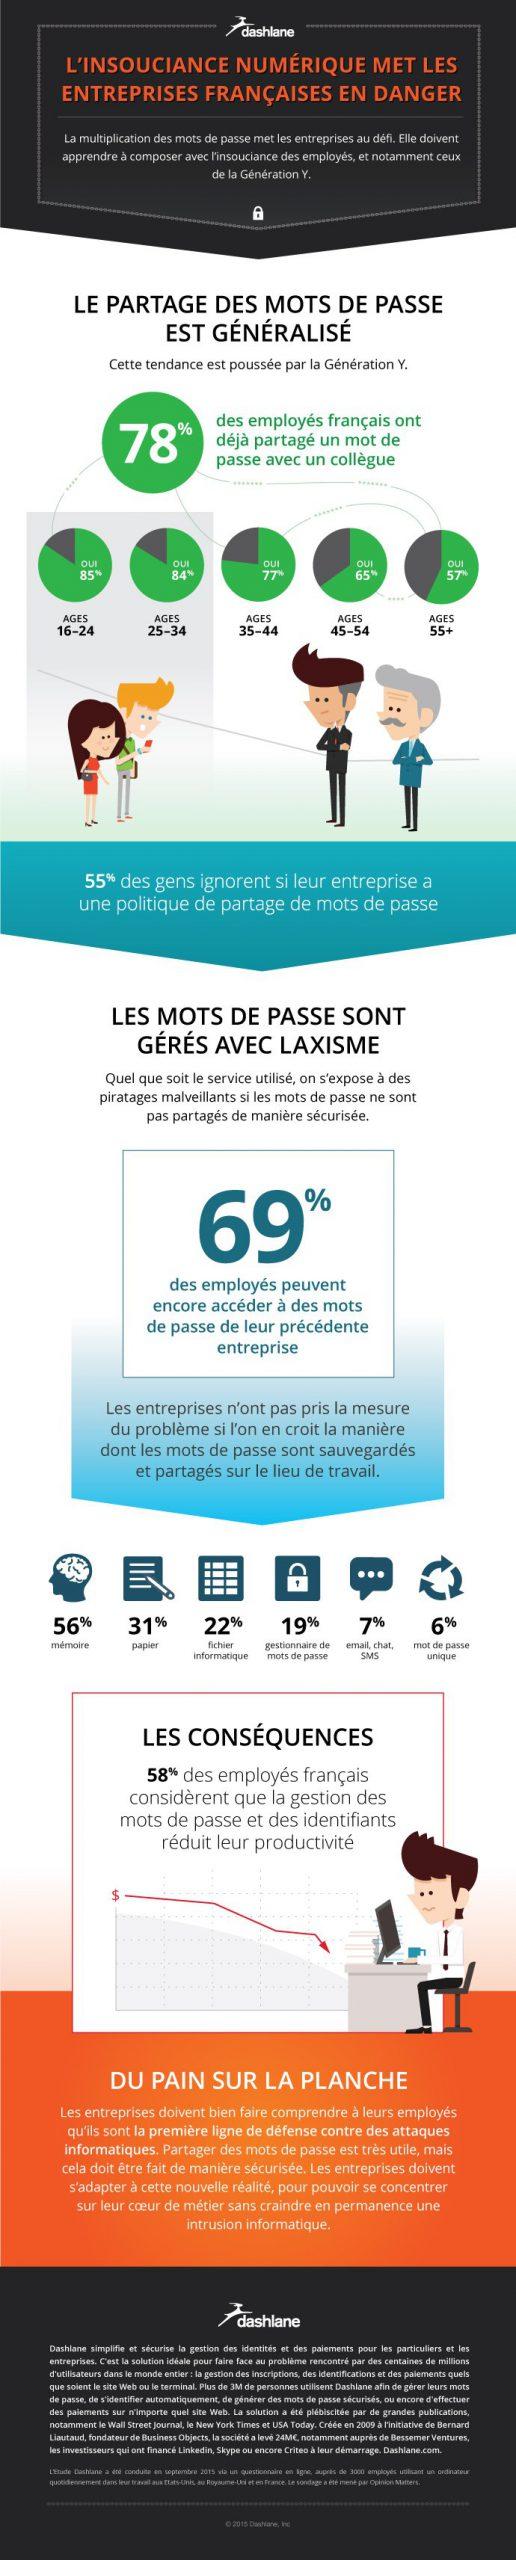 infographie_insouciance_numerique